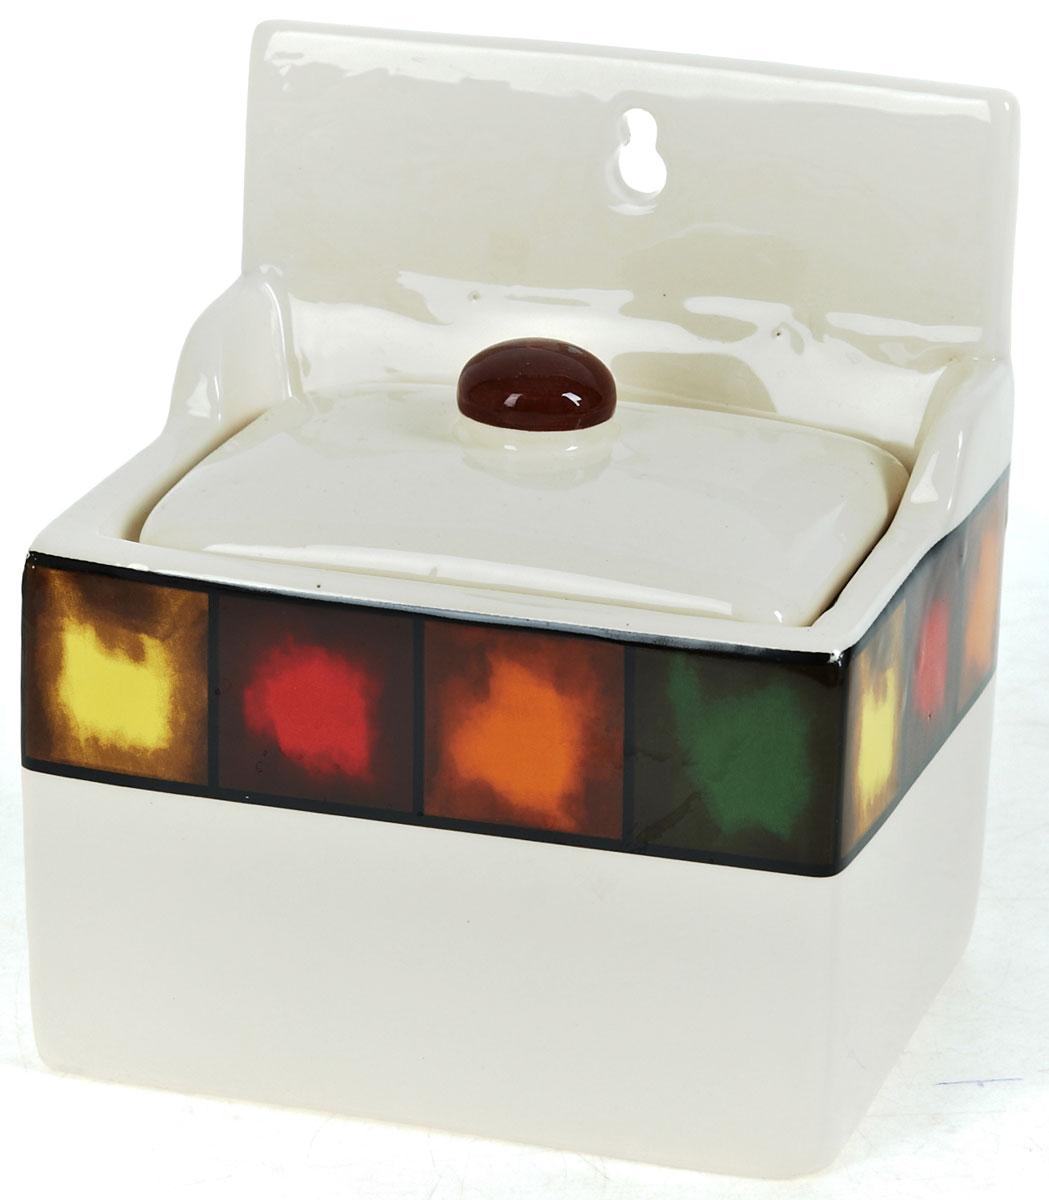 Солонка ENS Group Мармелад, 650 млVT-1520(SR)Оригинальная солонка ENS GROUP Мармелад выполнена из высококачественной керамики, декорирована разноцветным рисунком. Изделие прямоугольной формы, имеет отверстие для подвешивания. Солонка станет хорошим дополнением на любой кухне, отлично сочетается с другими аксессуарами из серии Мармелад.